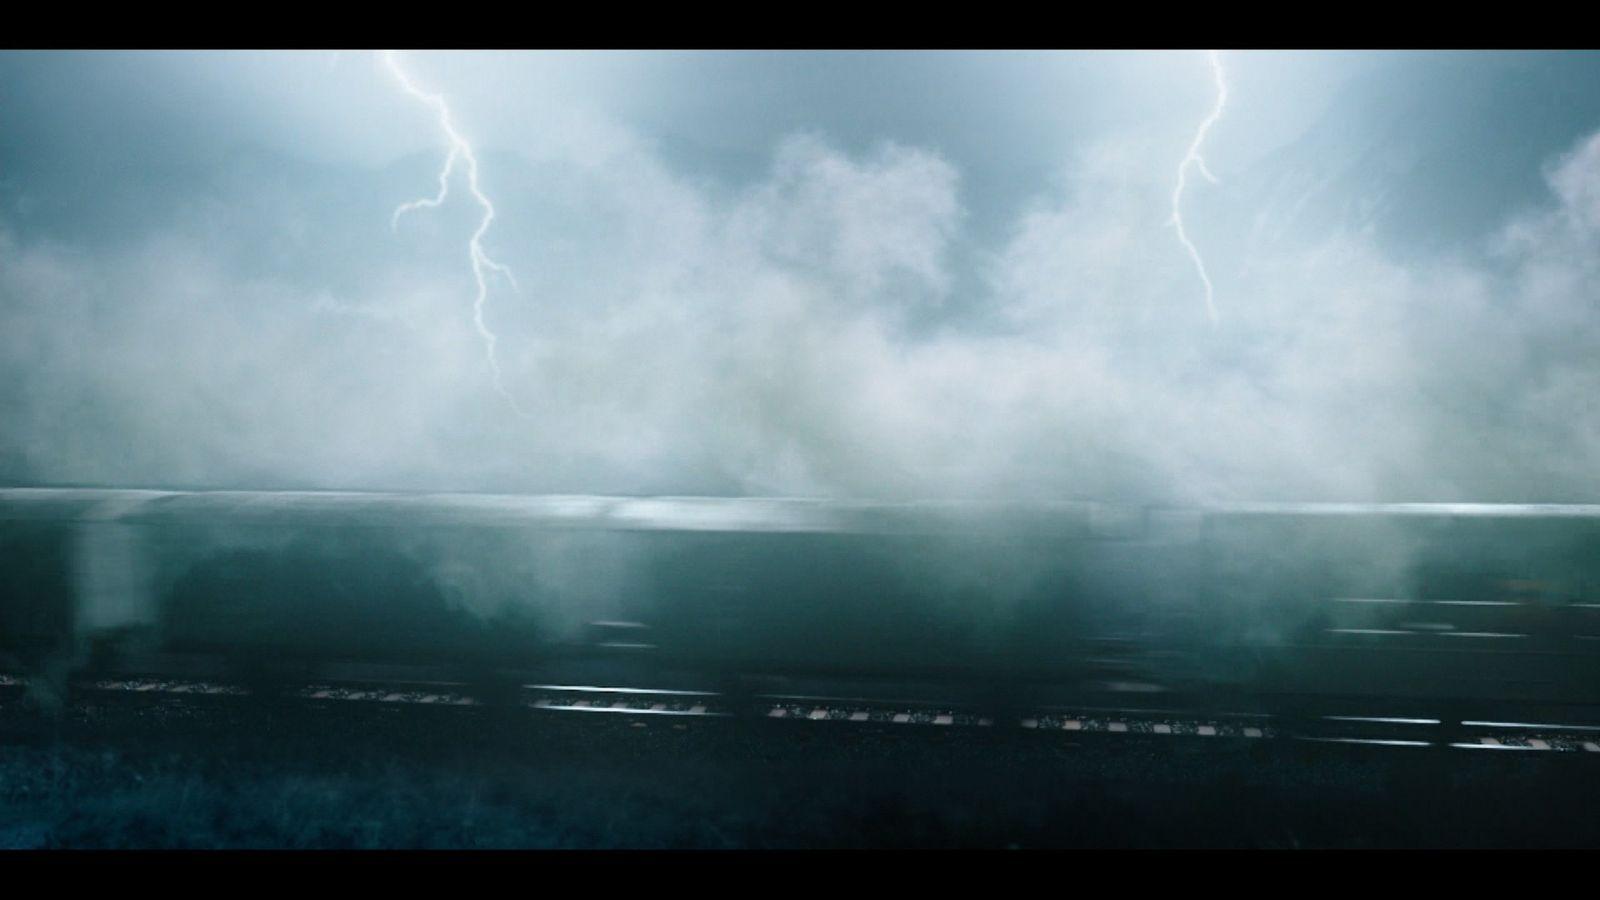 Ein fahrender Zug und Blitzschläge illustrieren Einsteins Relativitätstheorie